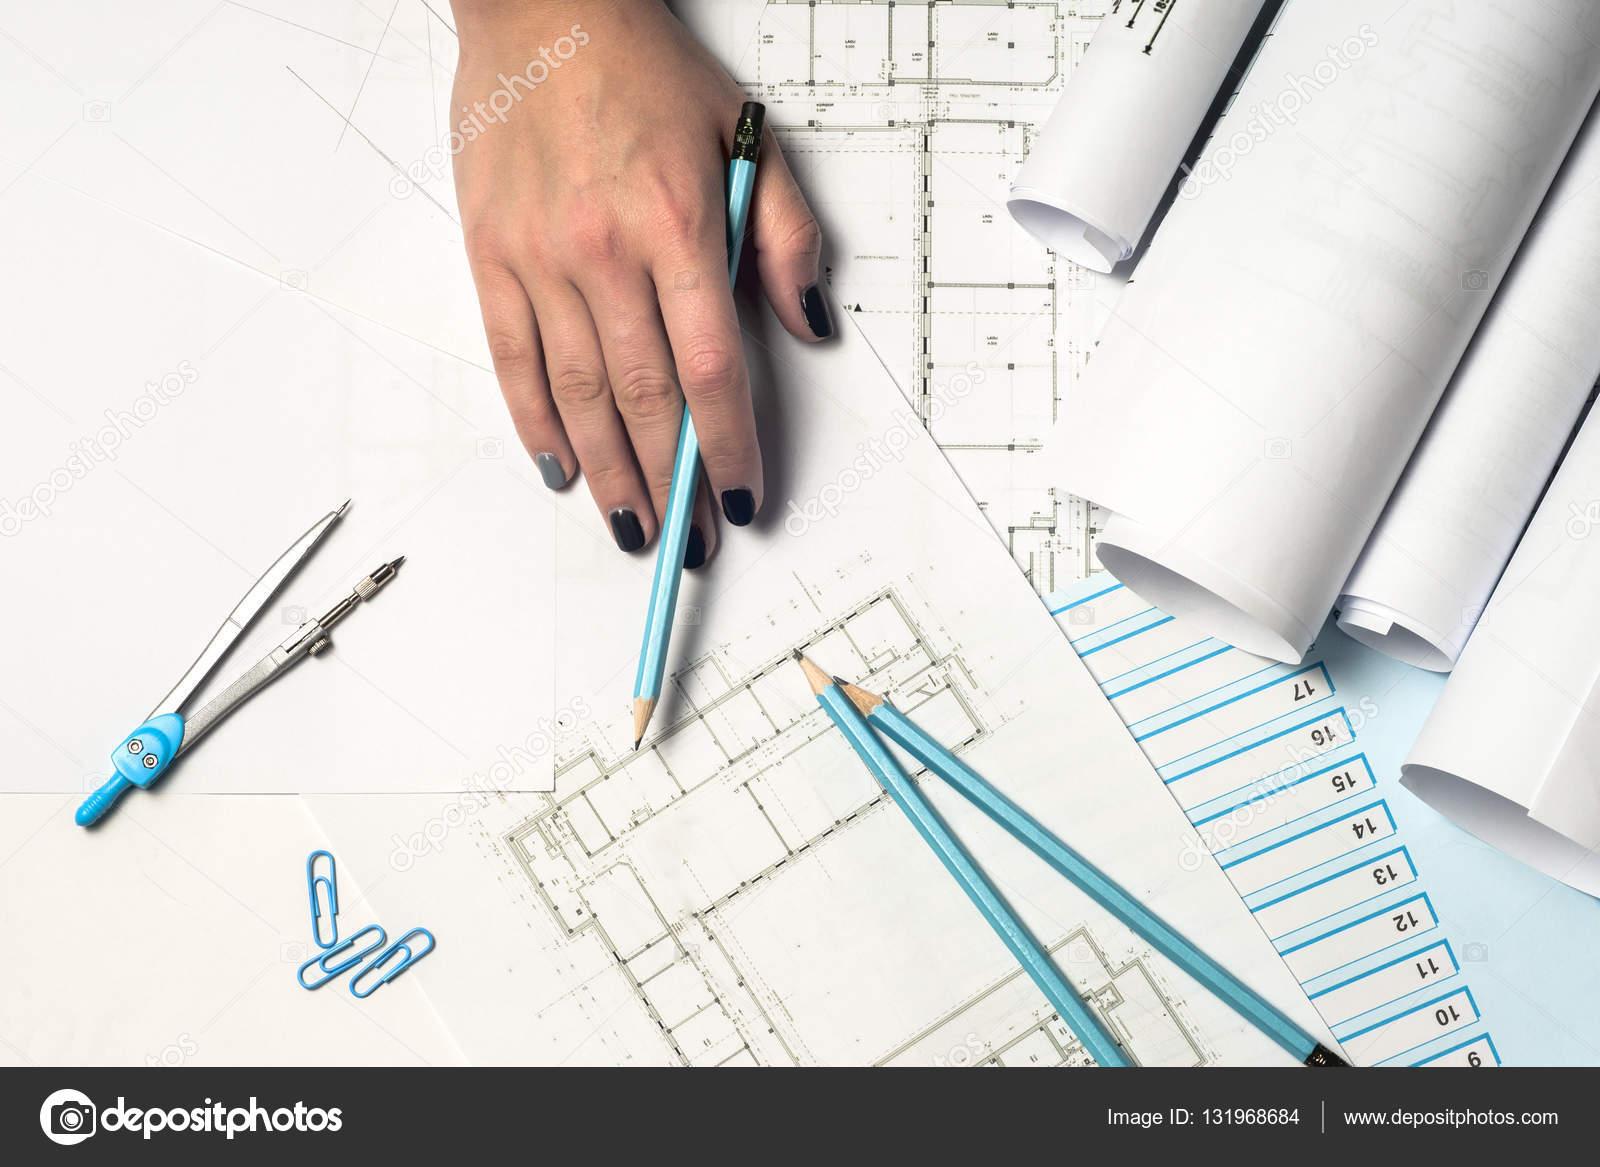 Arquitecto trabajando en plano fotos de stock vtmila 131968684 arquitecto trabajando en plano fotos de stock malvernweather Image collections